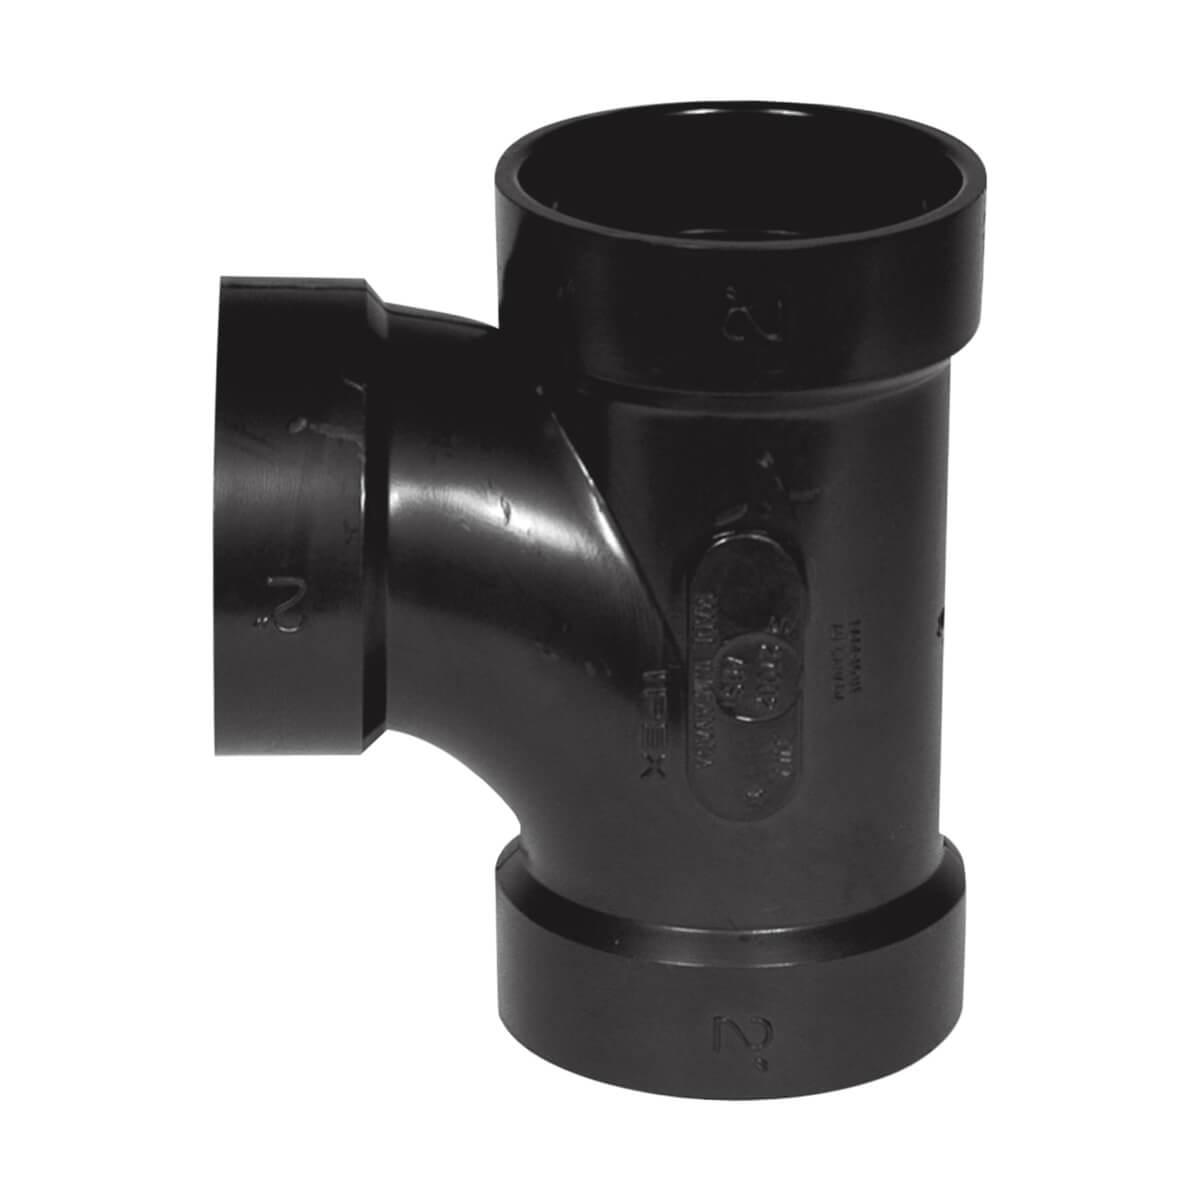 ABS-DWV Sanitary Tee - Hub - 2-in x 2-in x 1-1/2-in